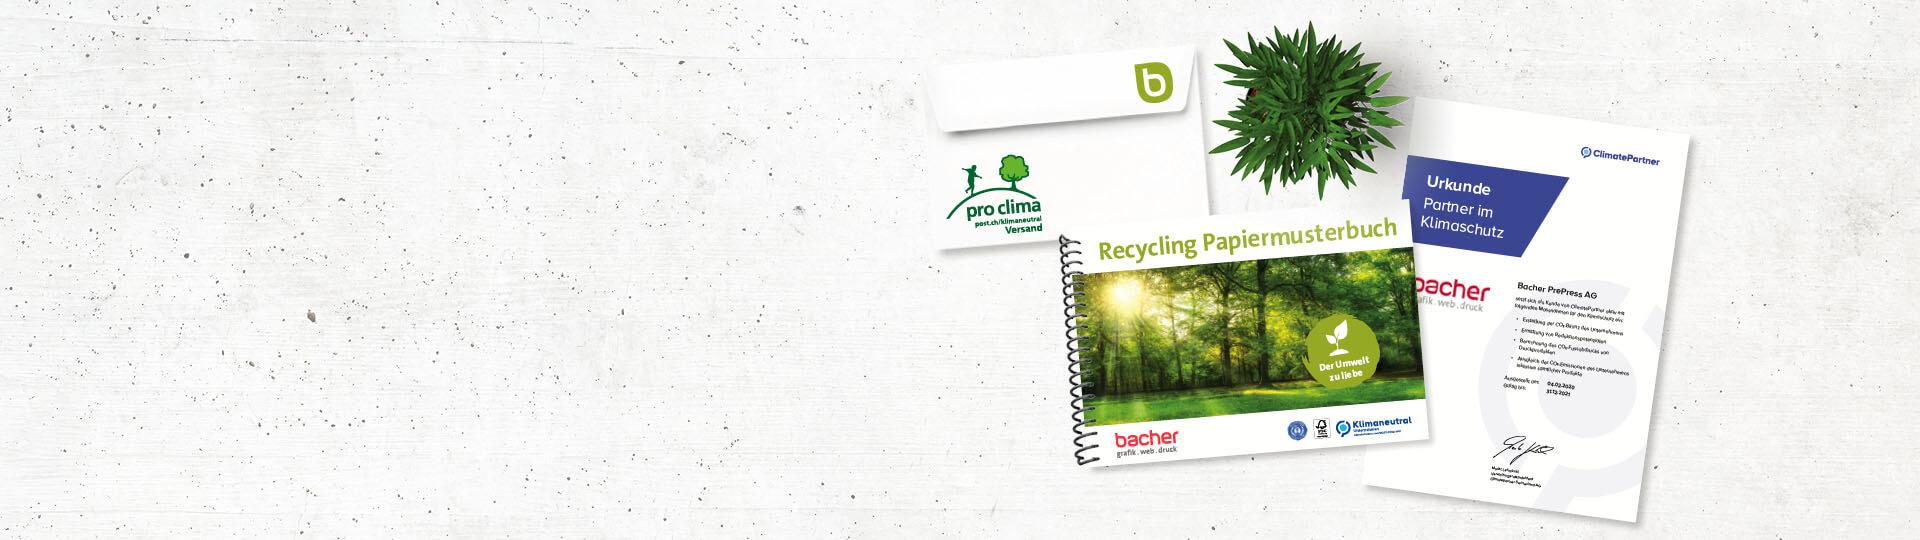 Klimaschutz Slider Bacher PrePress mit Urkunde und Recycling Papiermusterbuch